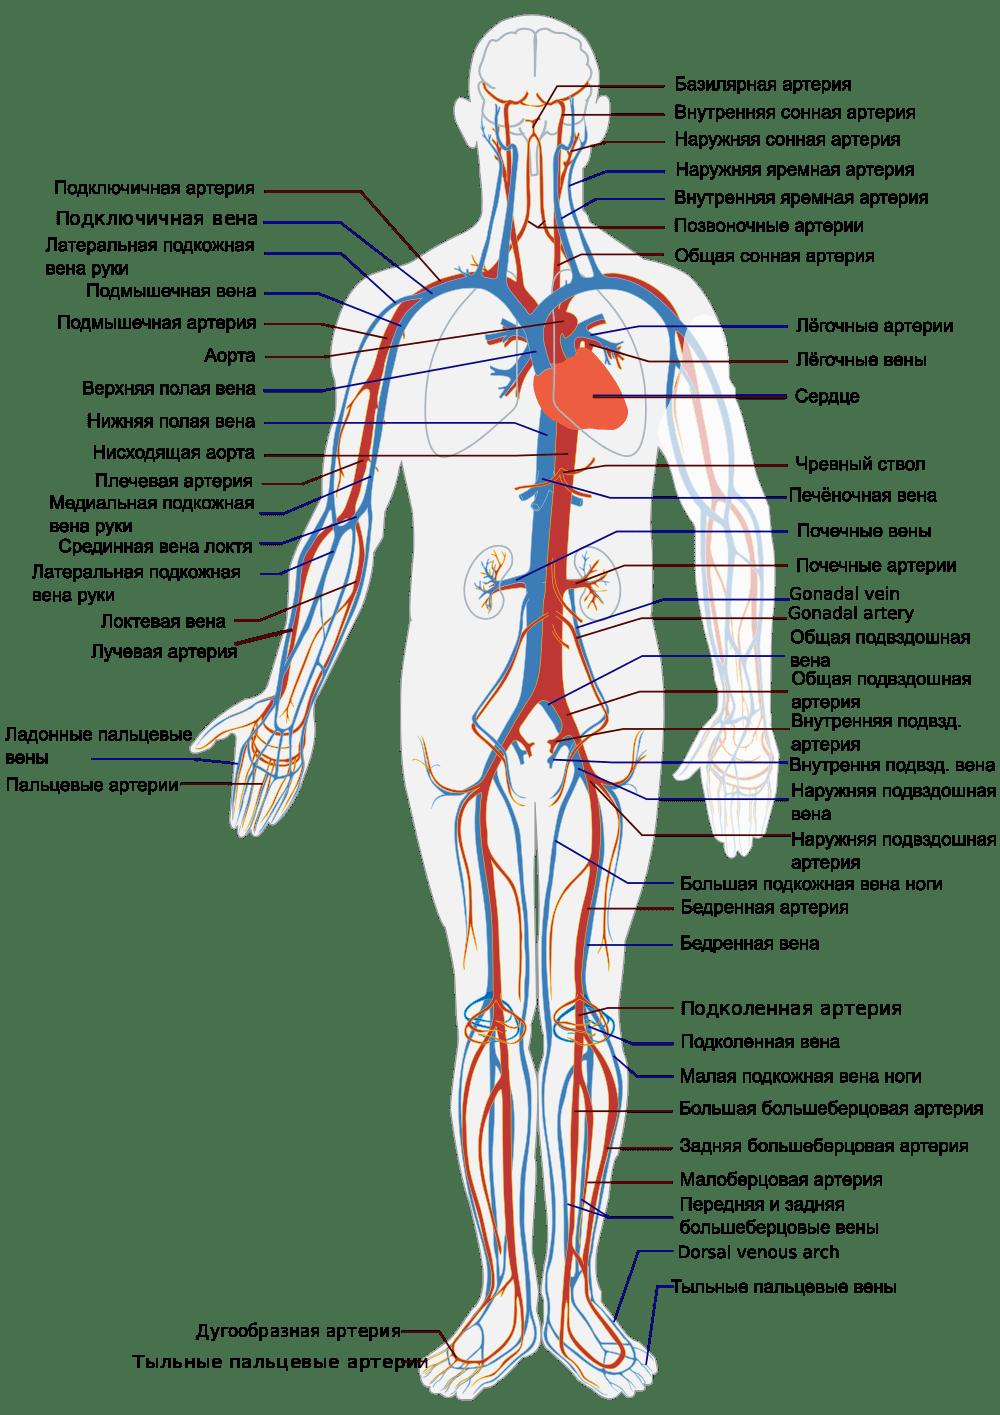 Сердечно-сосудистая система человека - функции, строение и органы 2